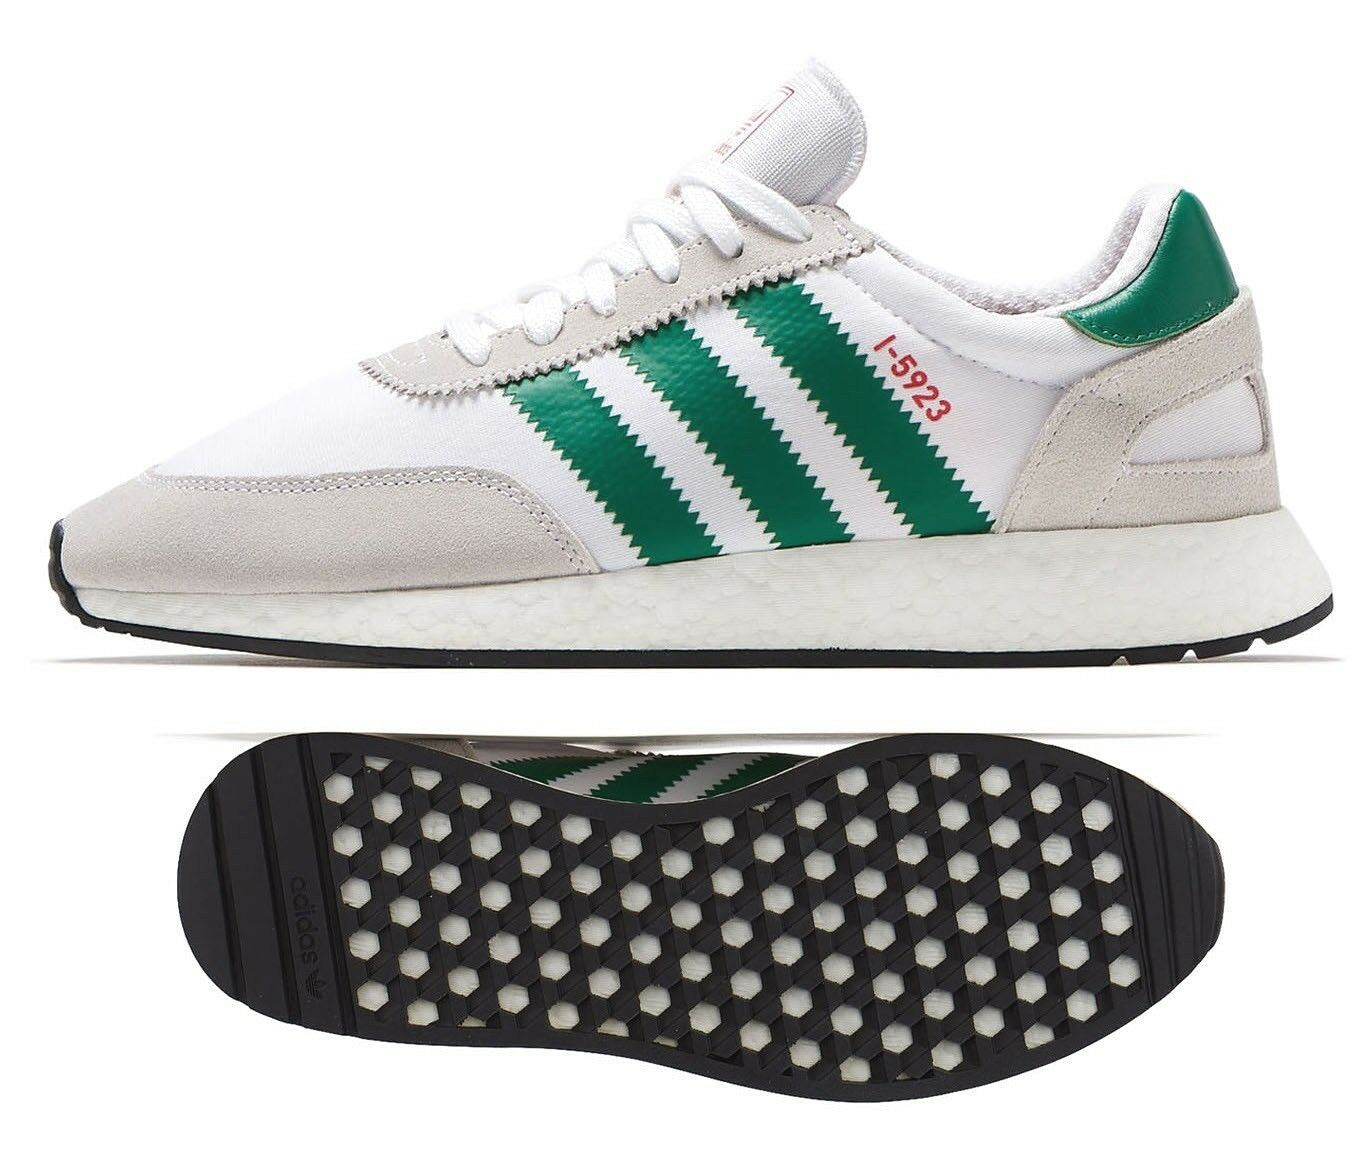 Nuevas Adidas Originales Iniki I-5923 Zapatillas para hombre verde blancoo Todas Las Tallas